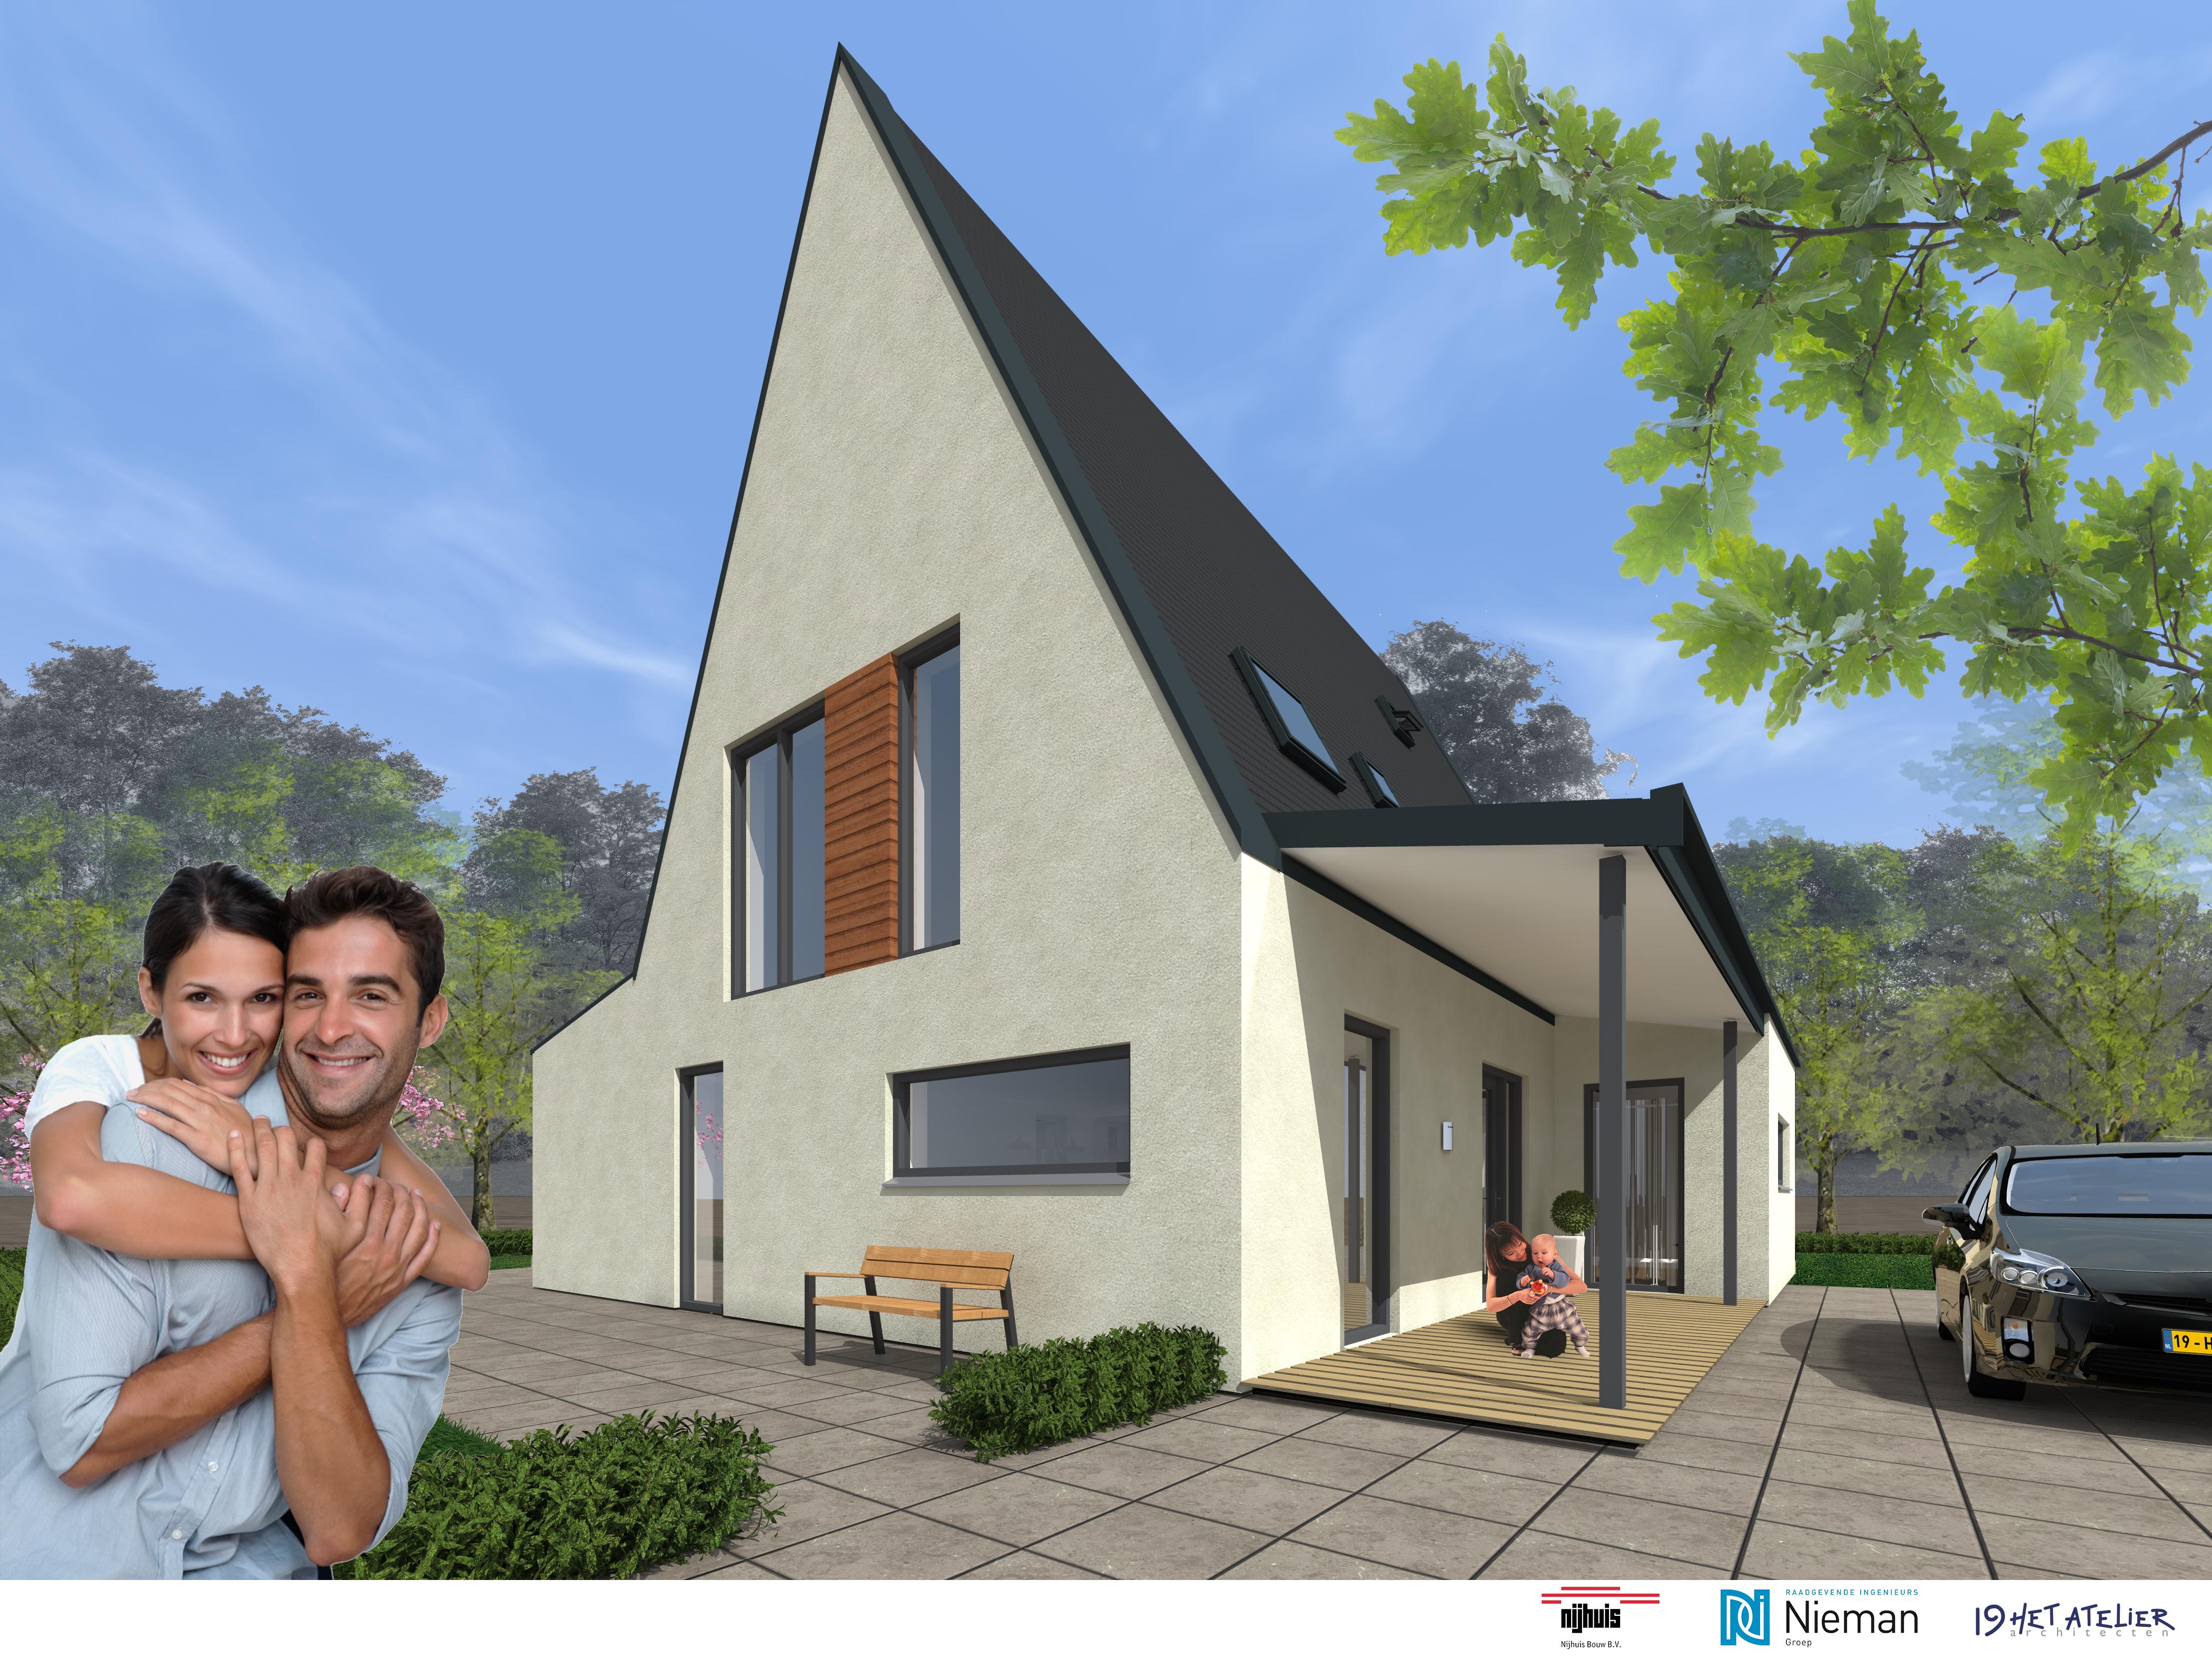 Thuis bewoners kunnen vrijstaande woning zelf for Zelf woning ontwerpen